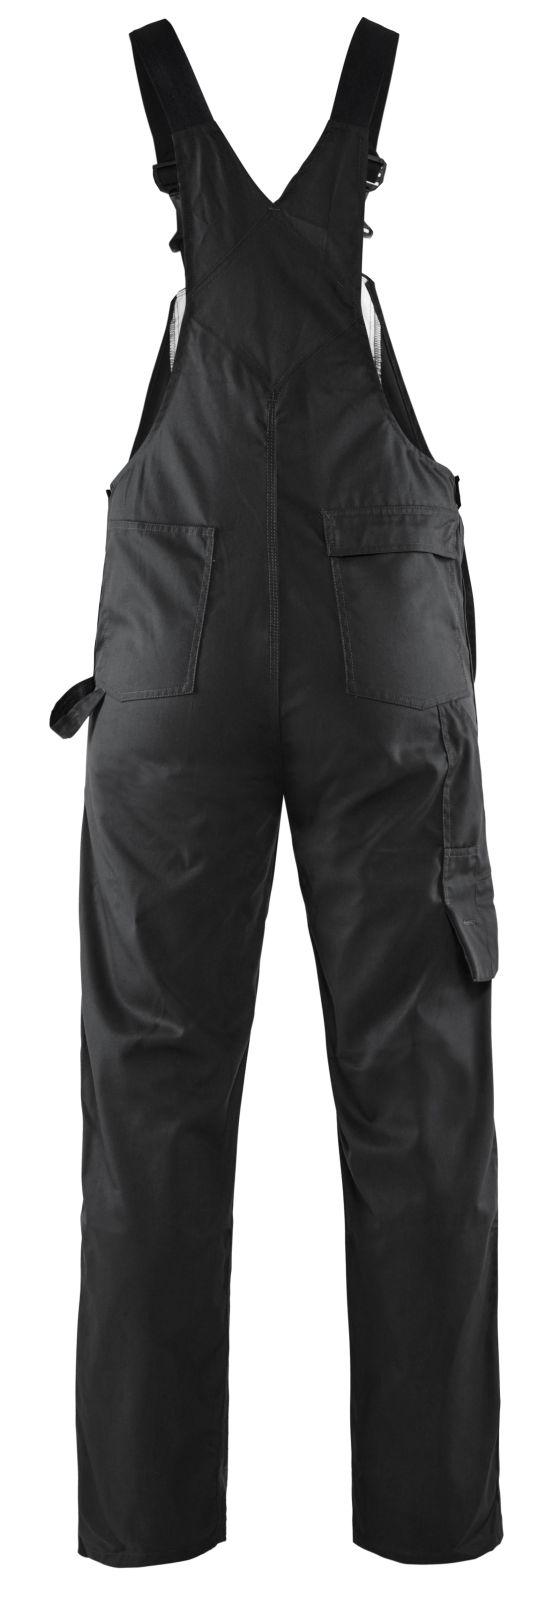 Blaklader Amerikaanse overalls 26101800 zwart(9900)